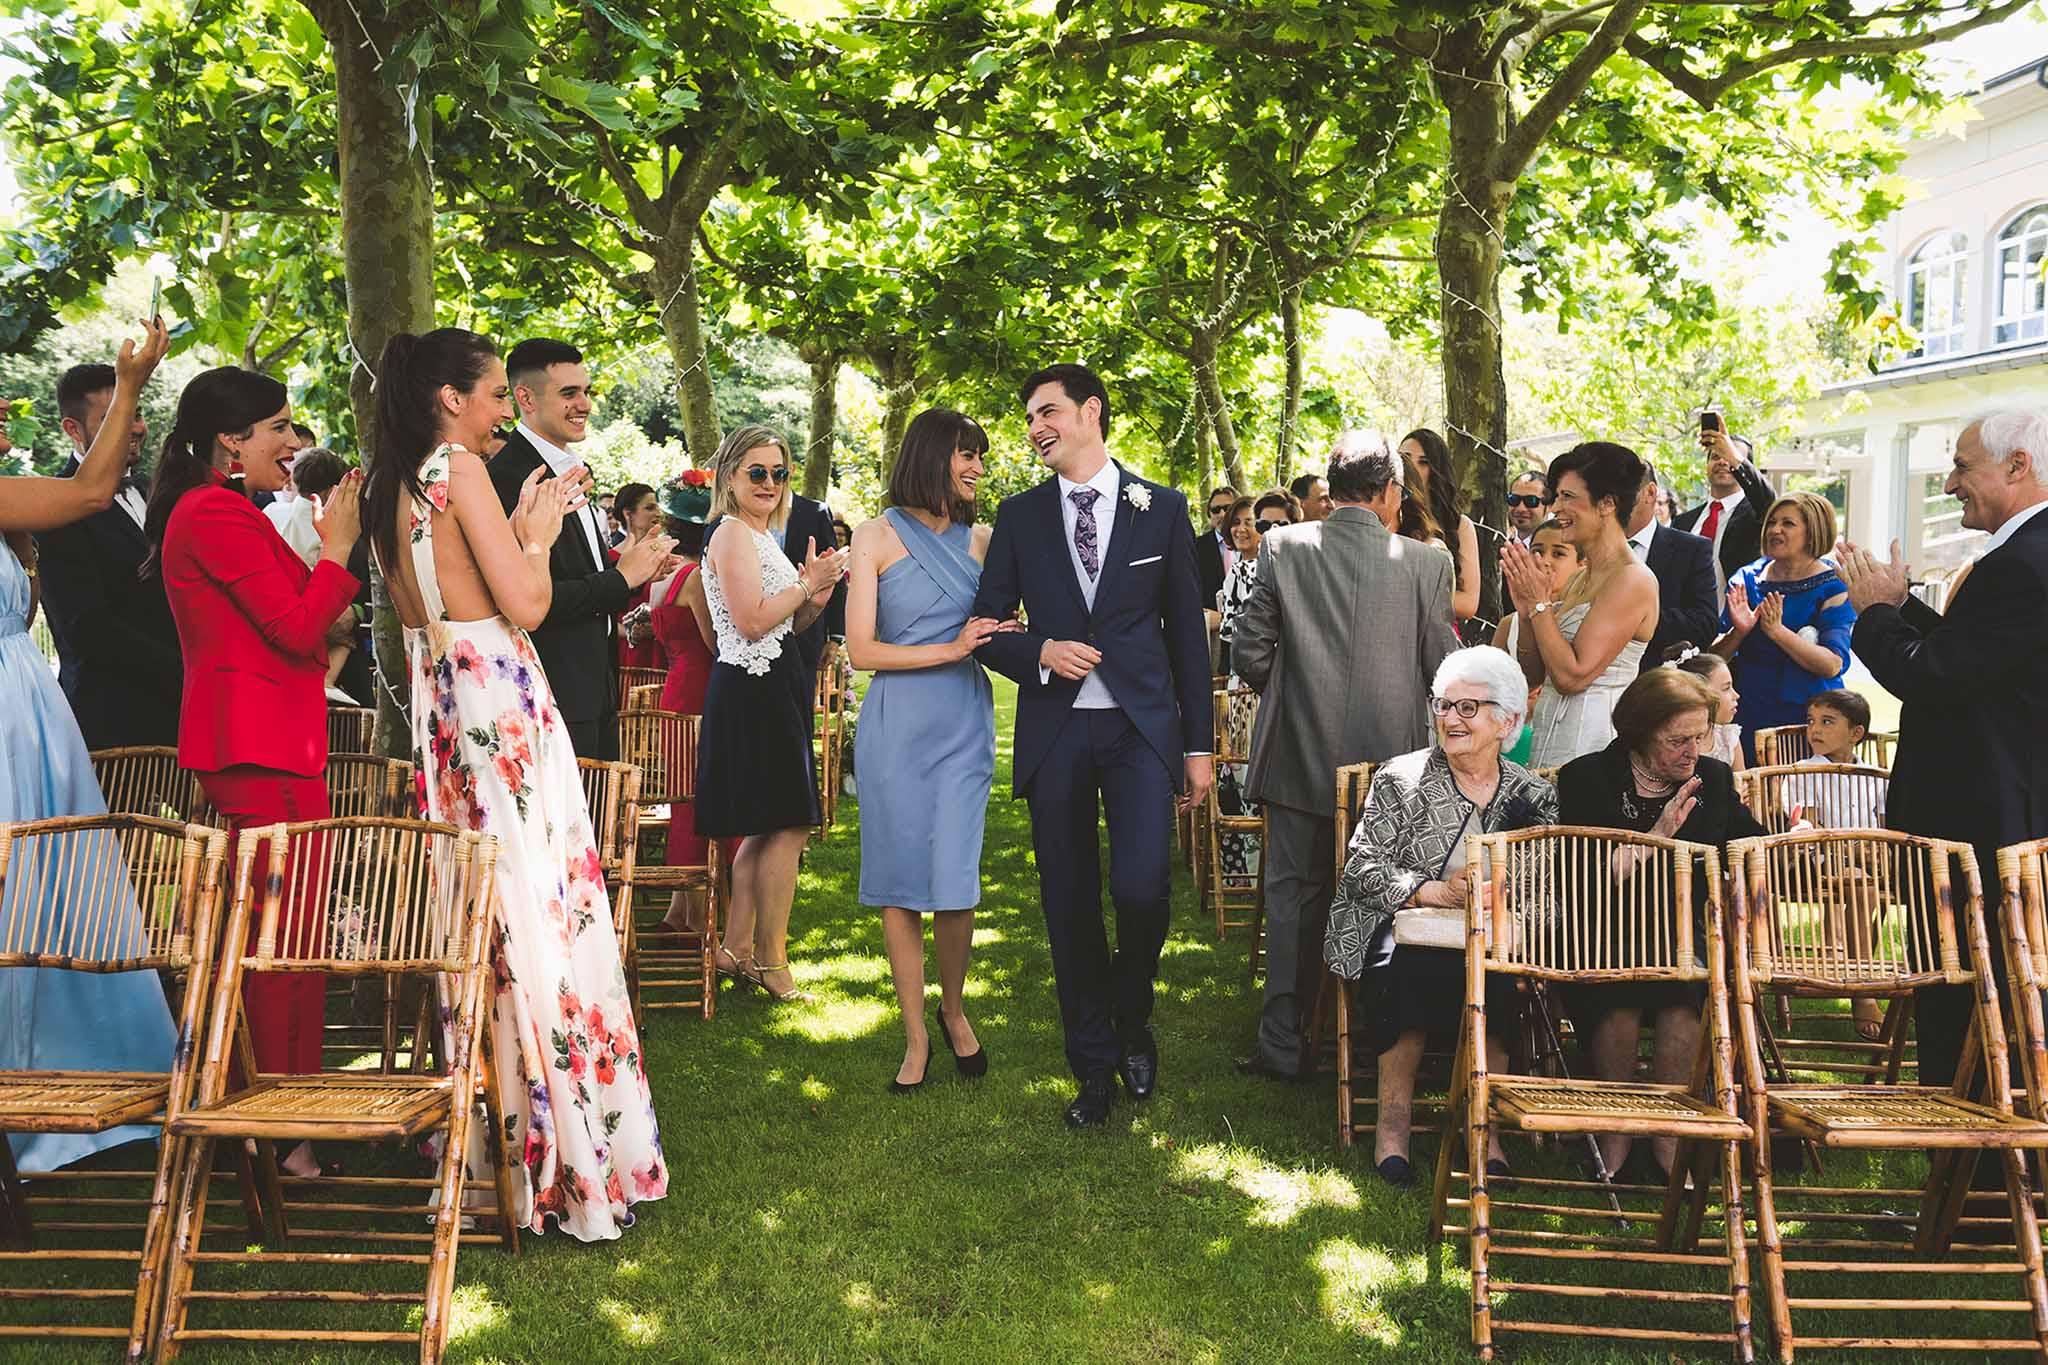 La llegada del novio a la ceremonia, acompañado por su hermana